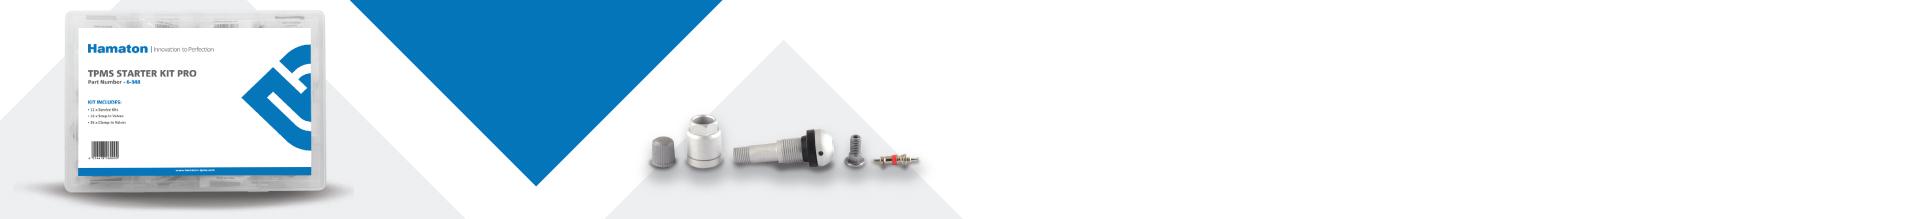 TPMS Starter Kit Pro